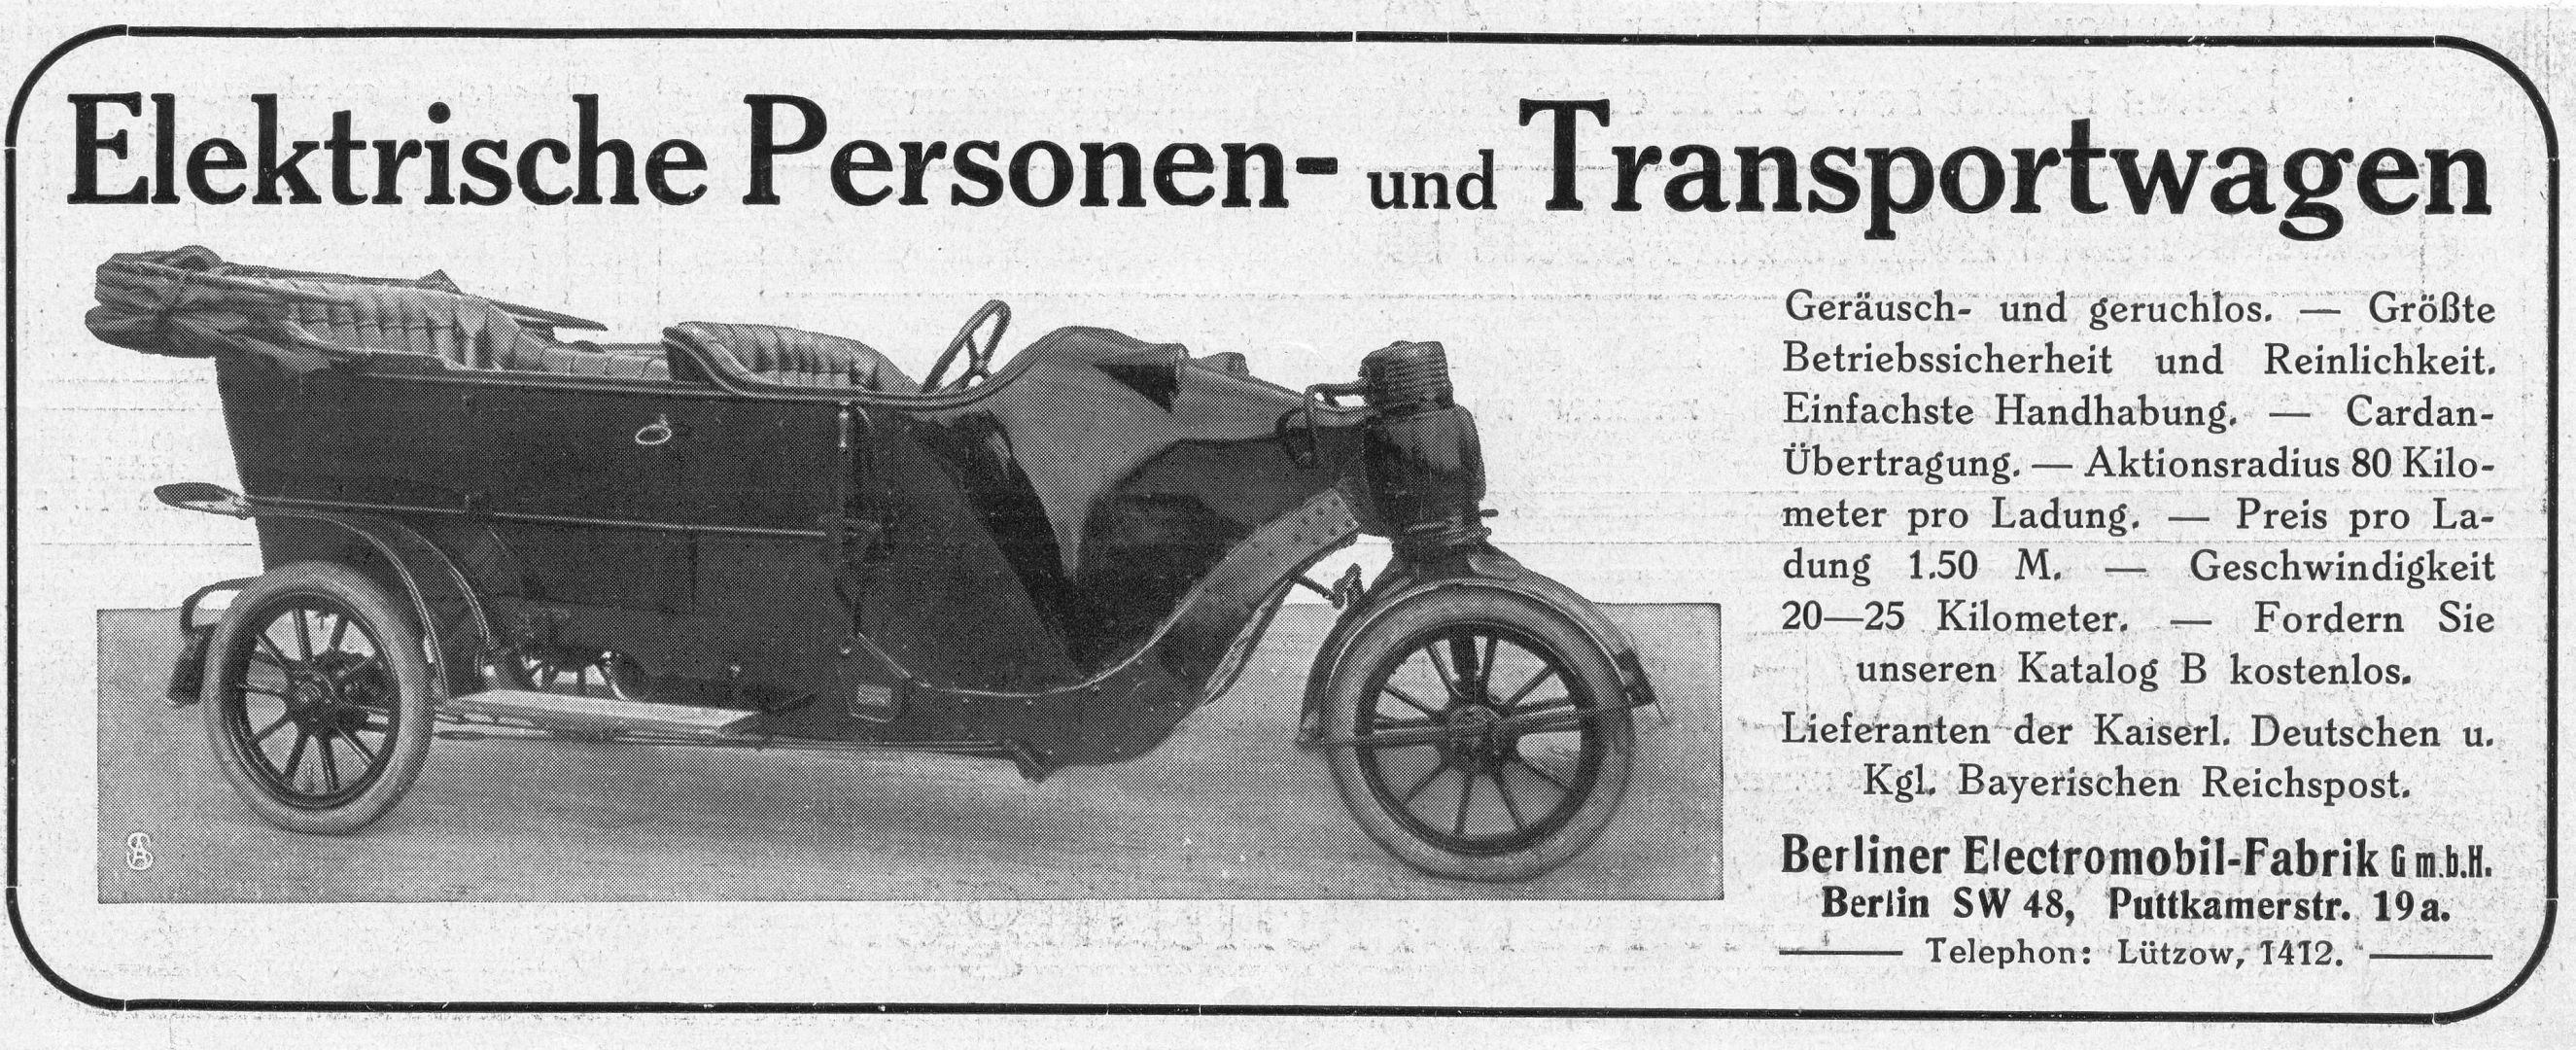 BEF_Elektroauto-Reklame_Galerie.jpg